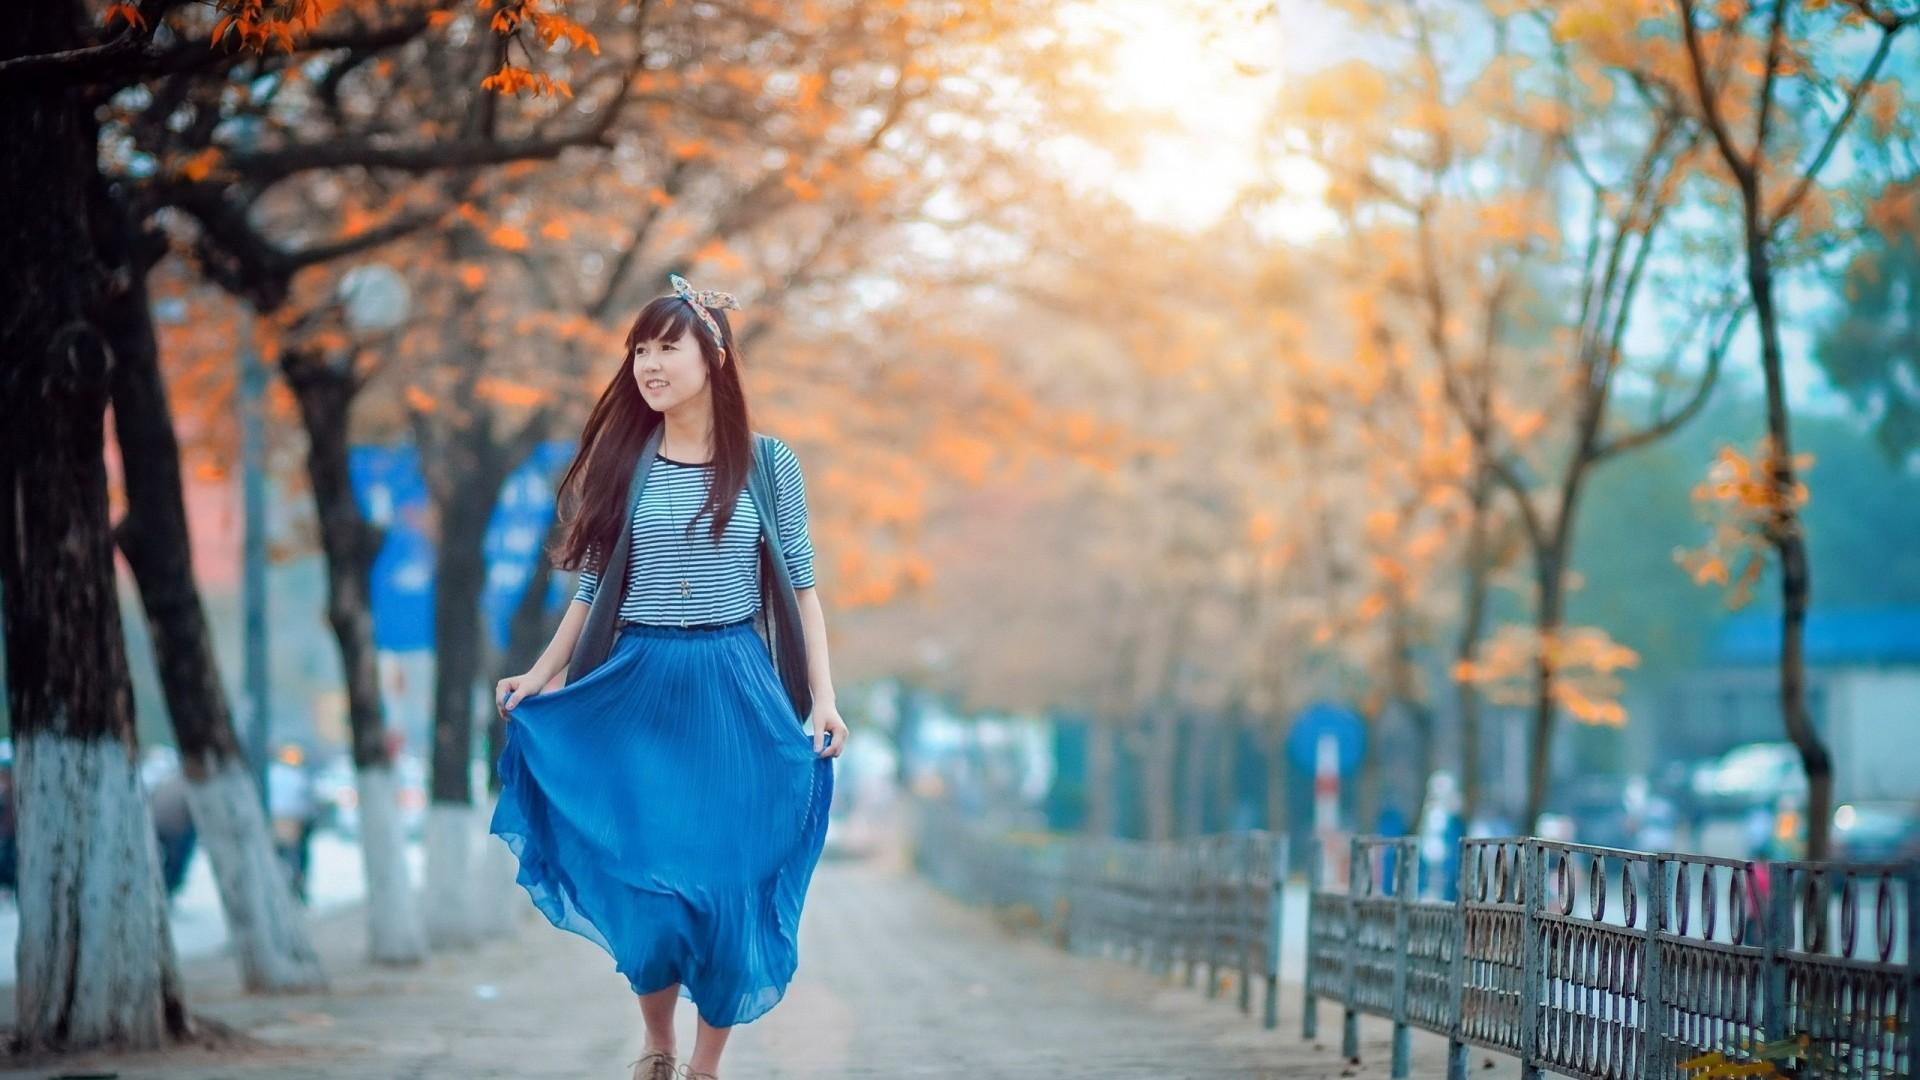 Wallpaper asian, girl, skirt, walk, city